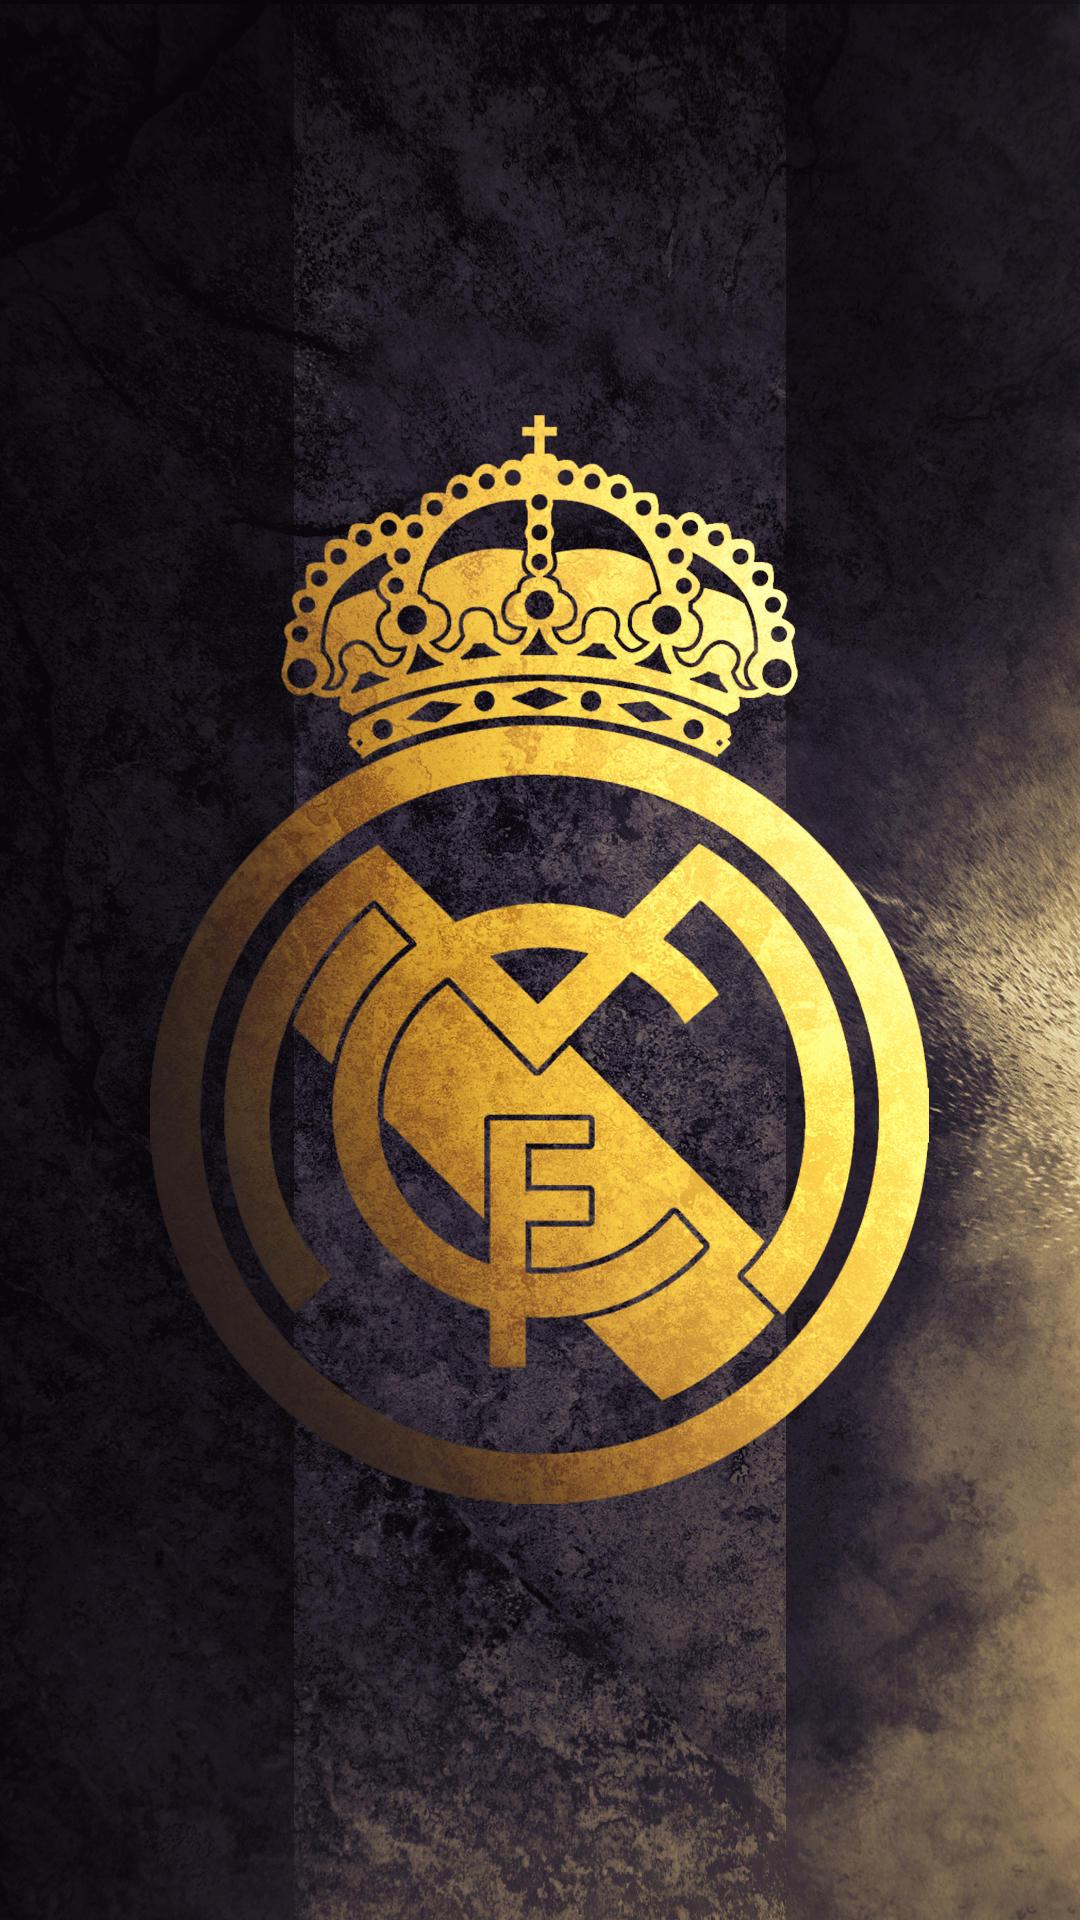 Real Madrid - Logo Wallpaper by Kerimov23 on DeviantArt